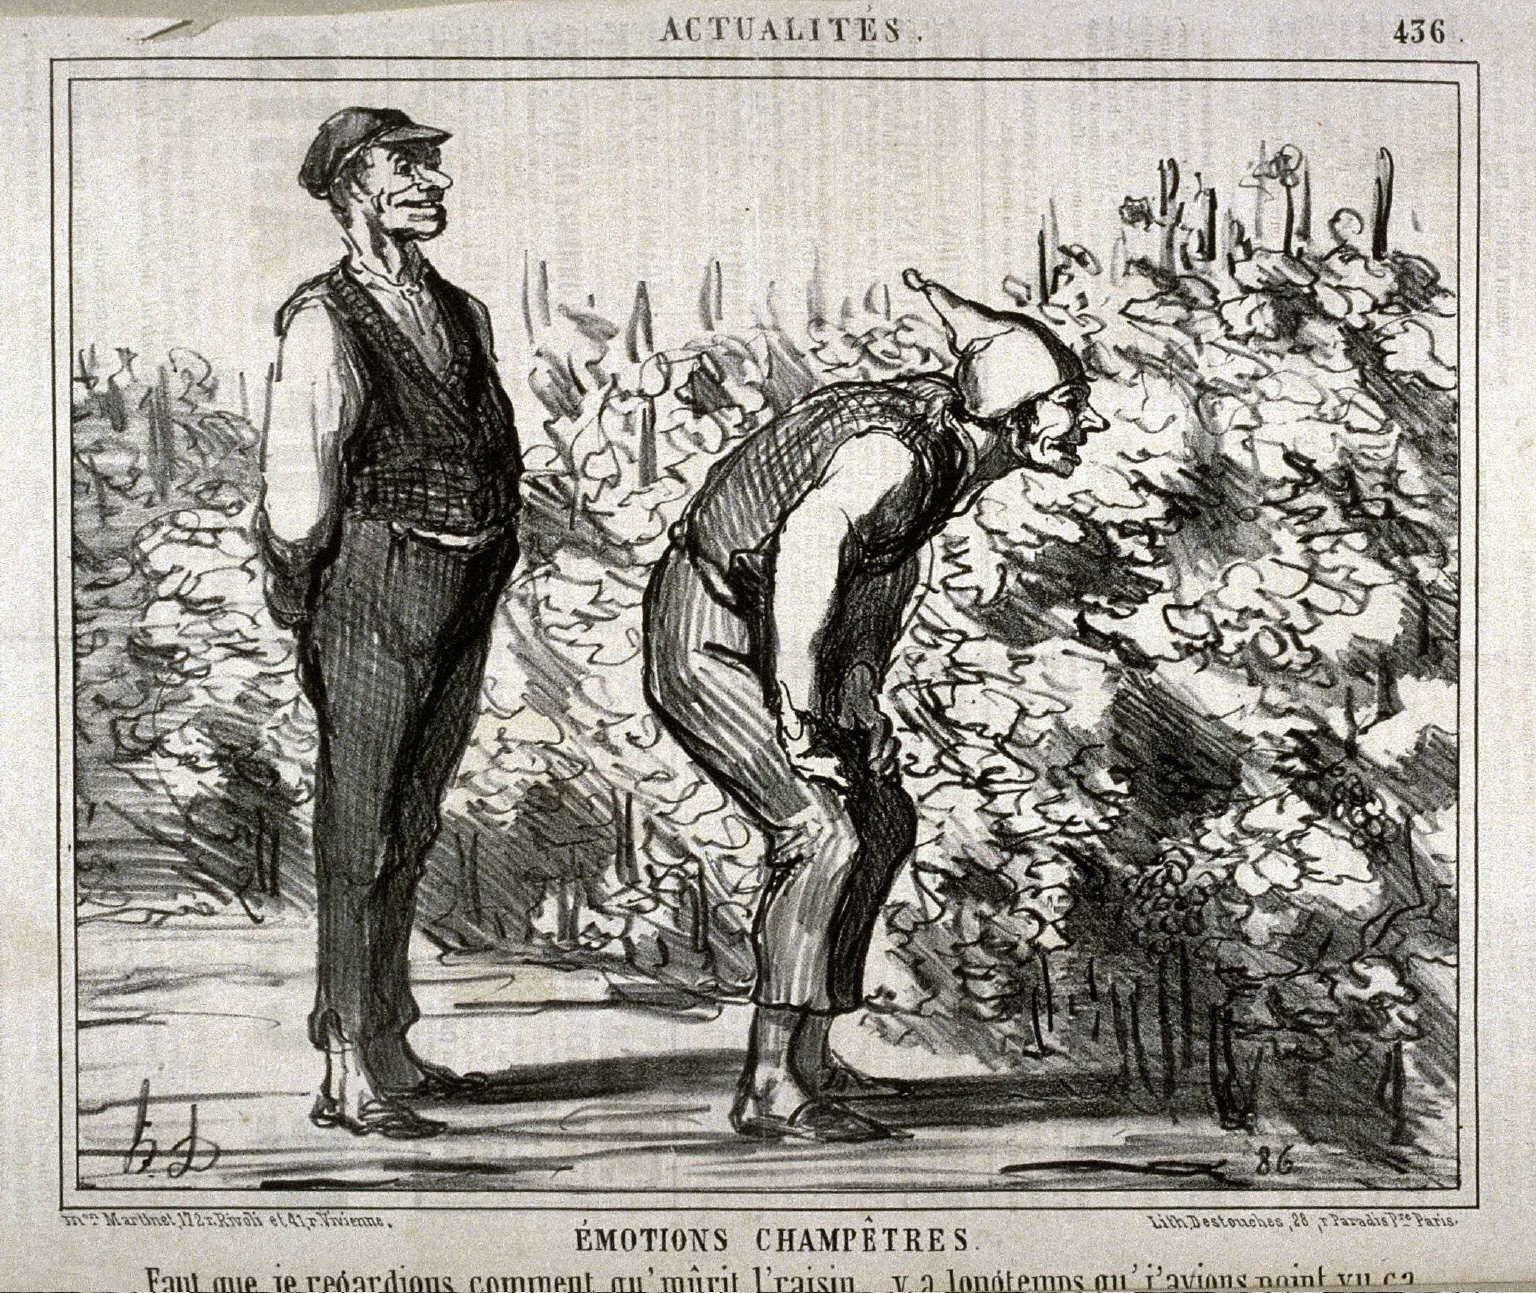 Emotions champêtres. Faut que je regardions comment qu'mûrit l'raisin y a longtemps qu'j'avions point vu ça. no. 436 from the series Actualités published in Le Charivari 10 September 1857